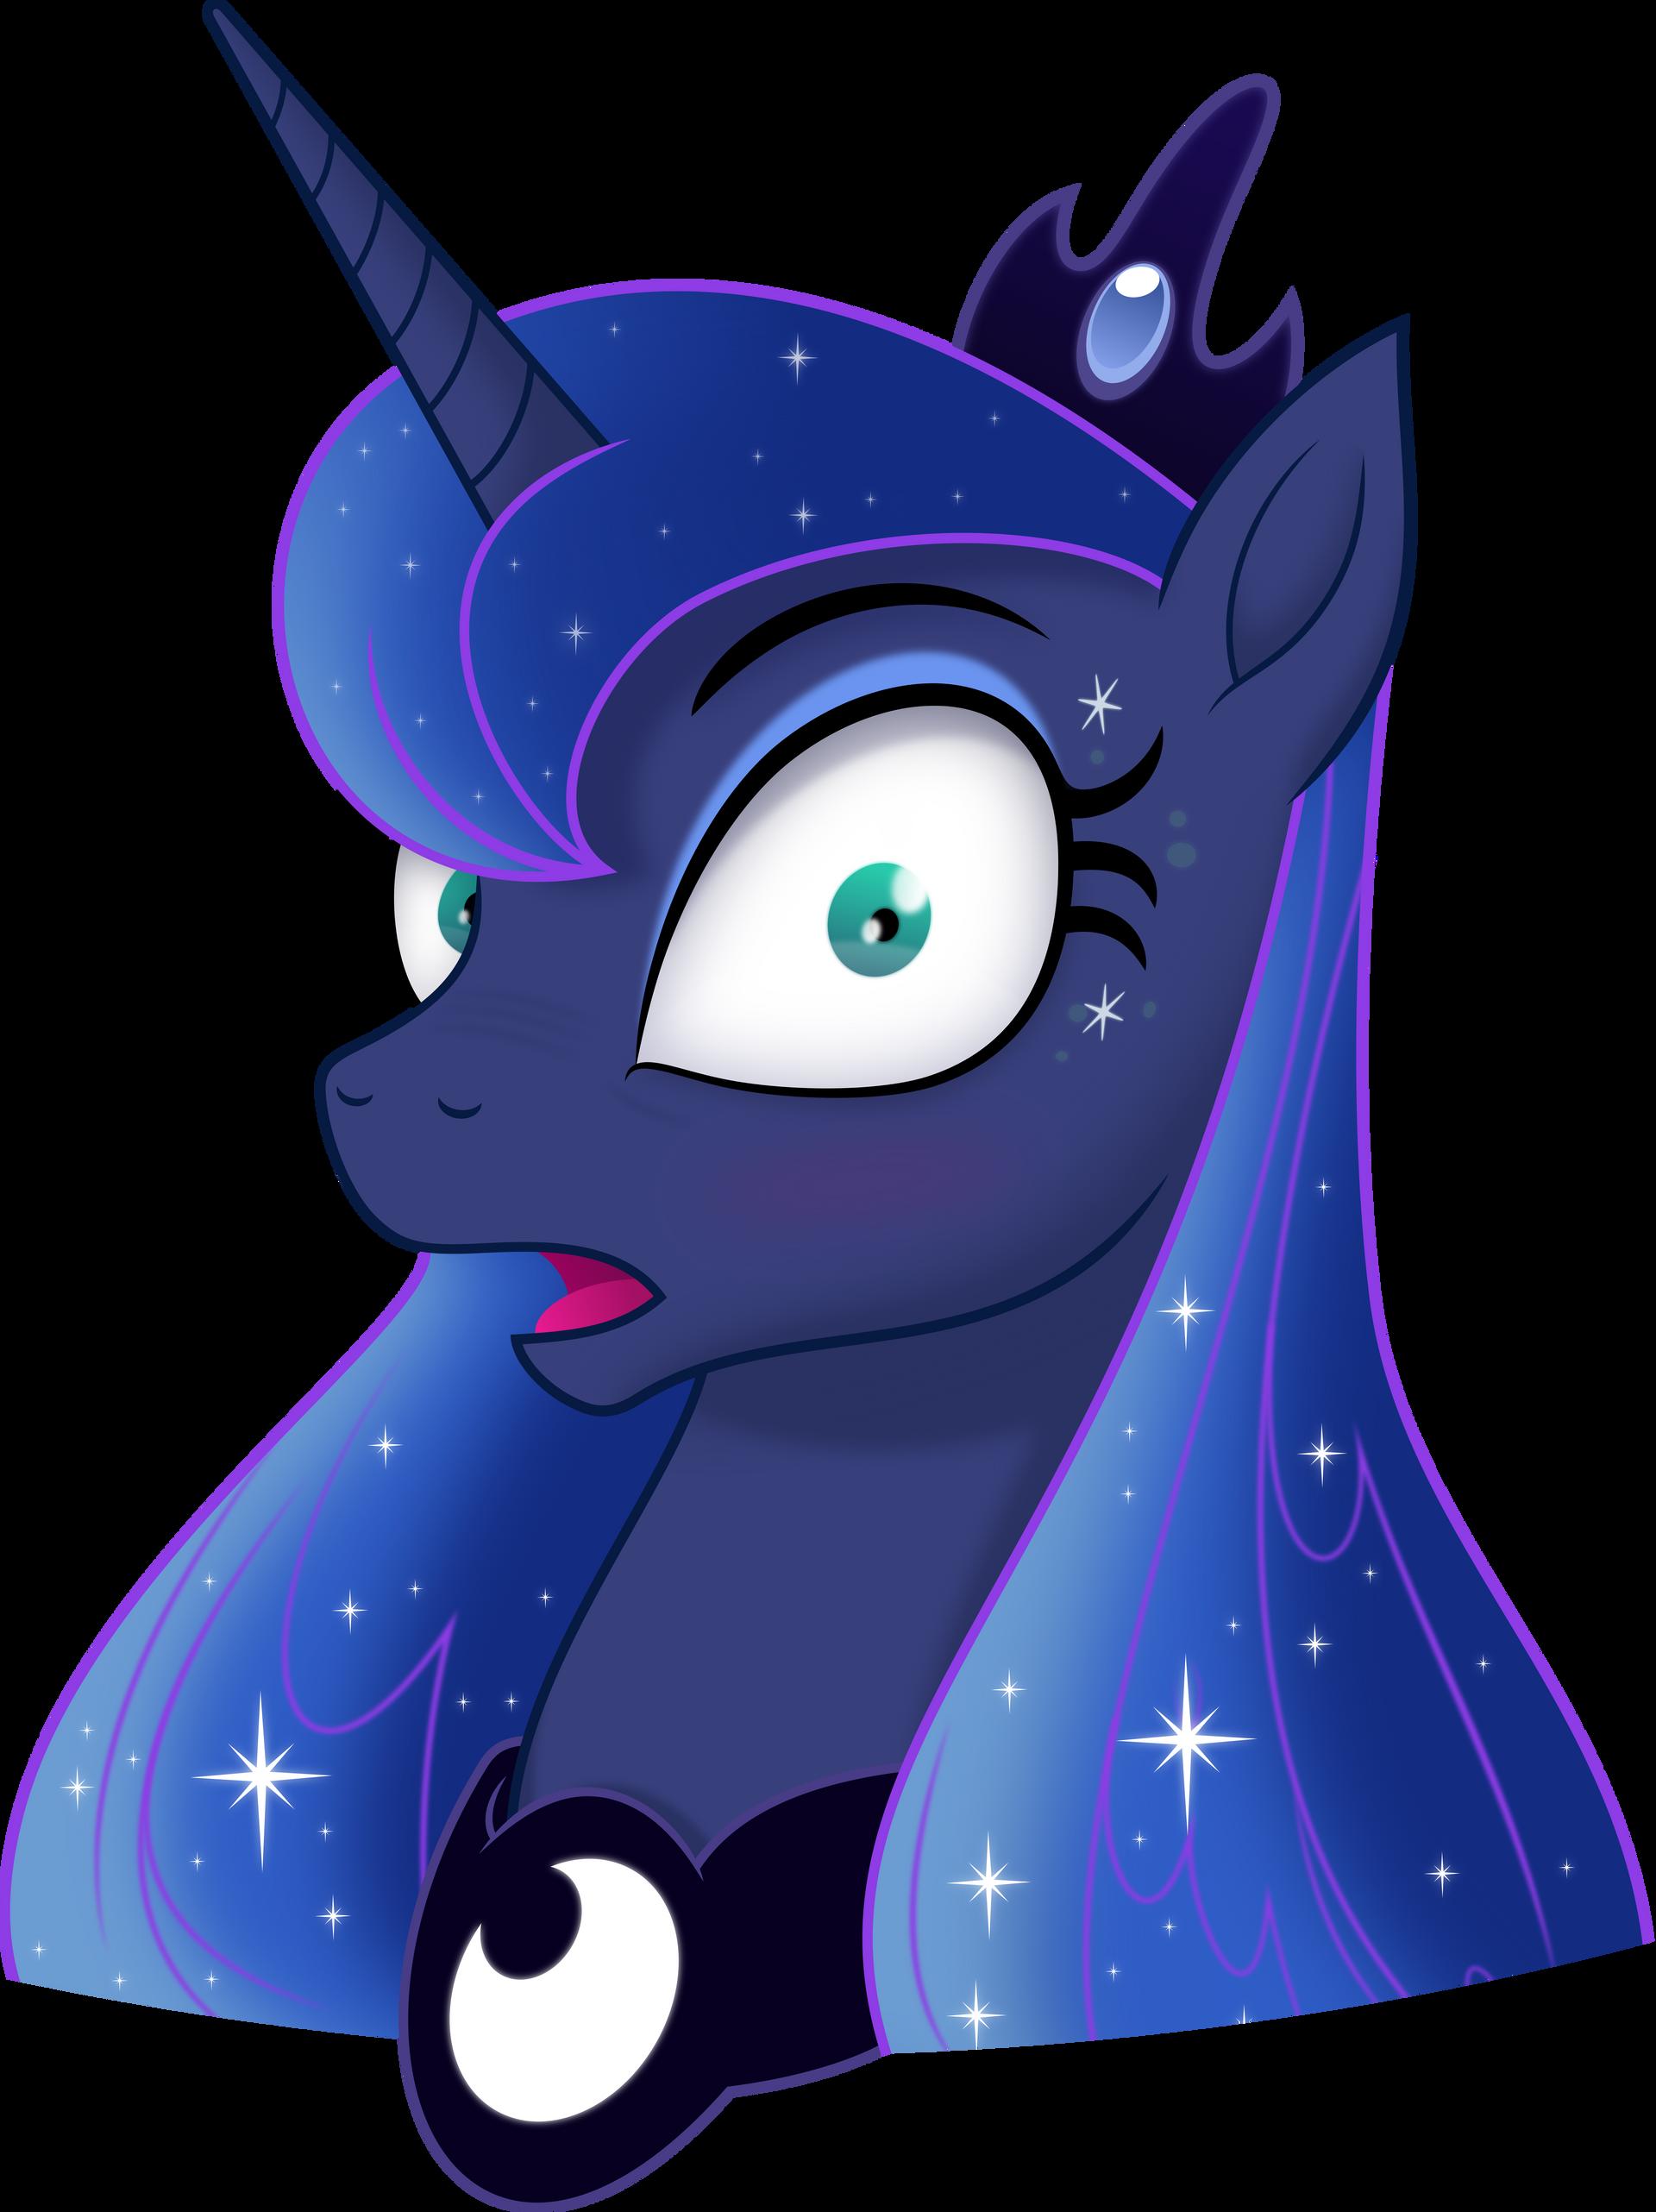 shocked_princess_luna_by_negatif22_ded63